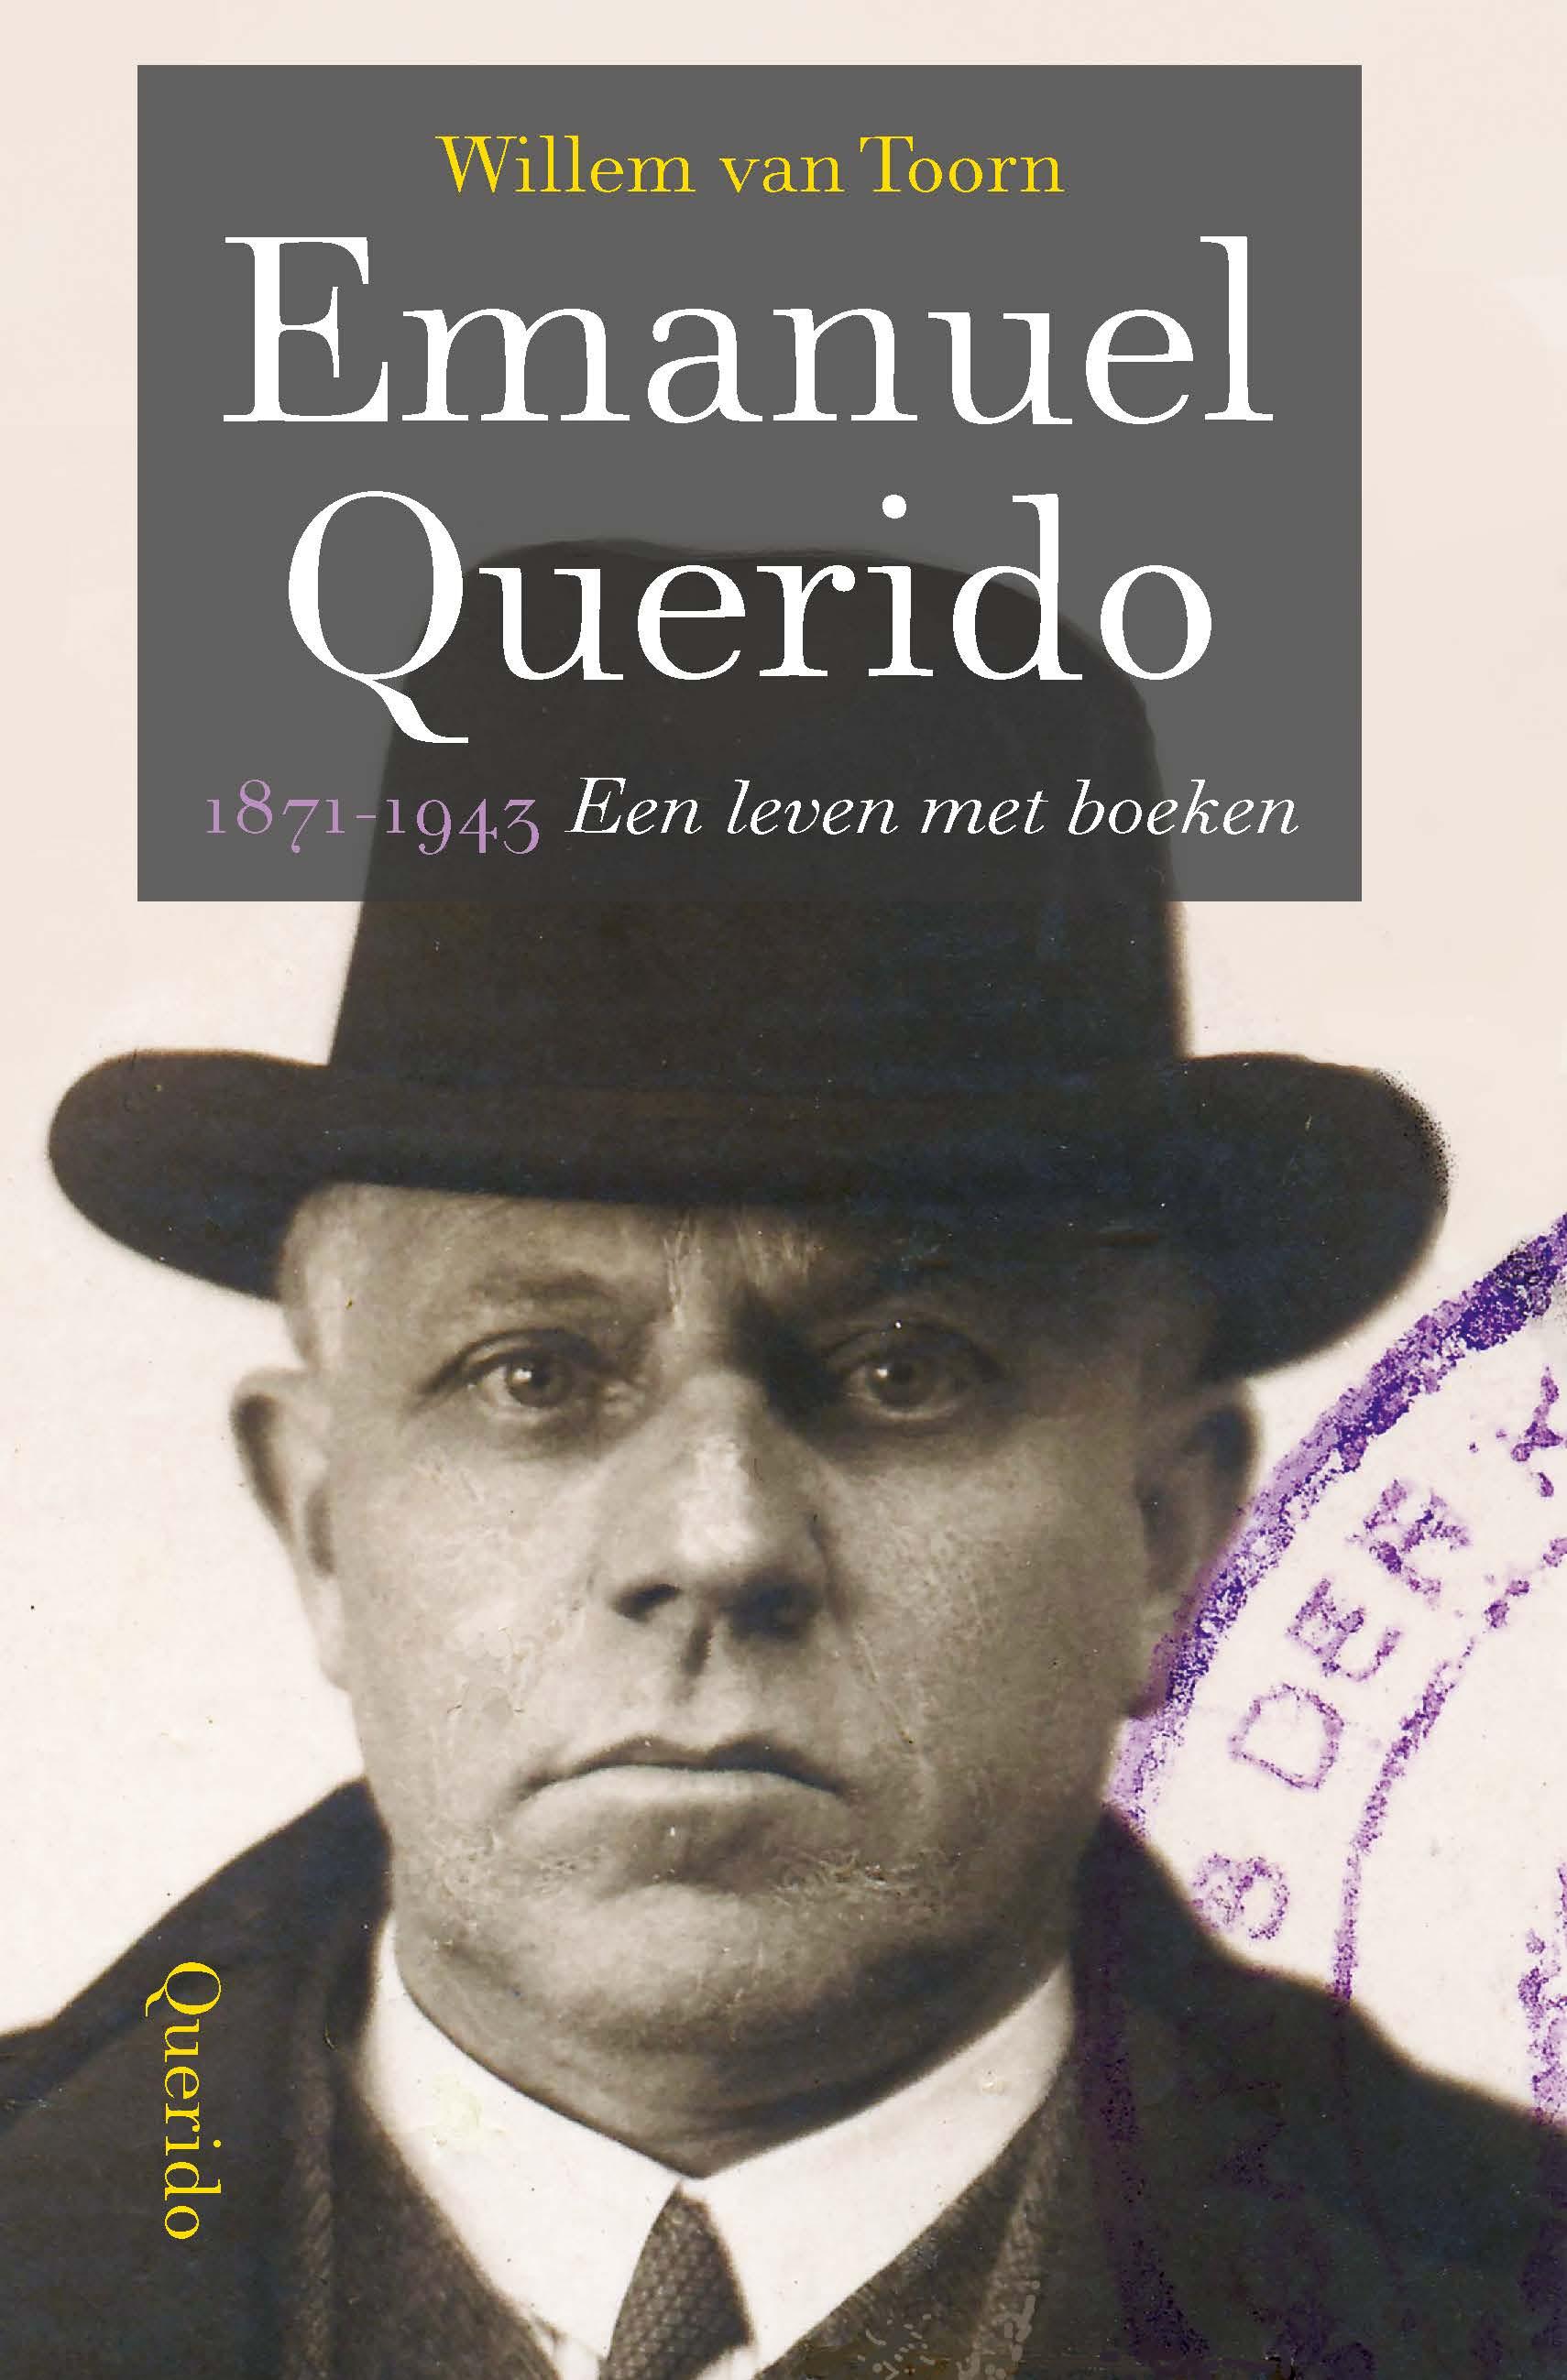 Emanuel Querido 1871-1943 – Willem van Toorn